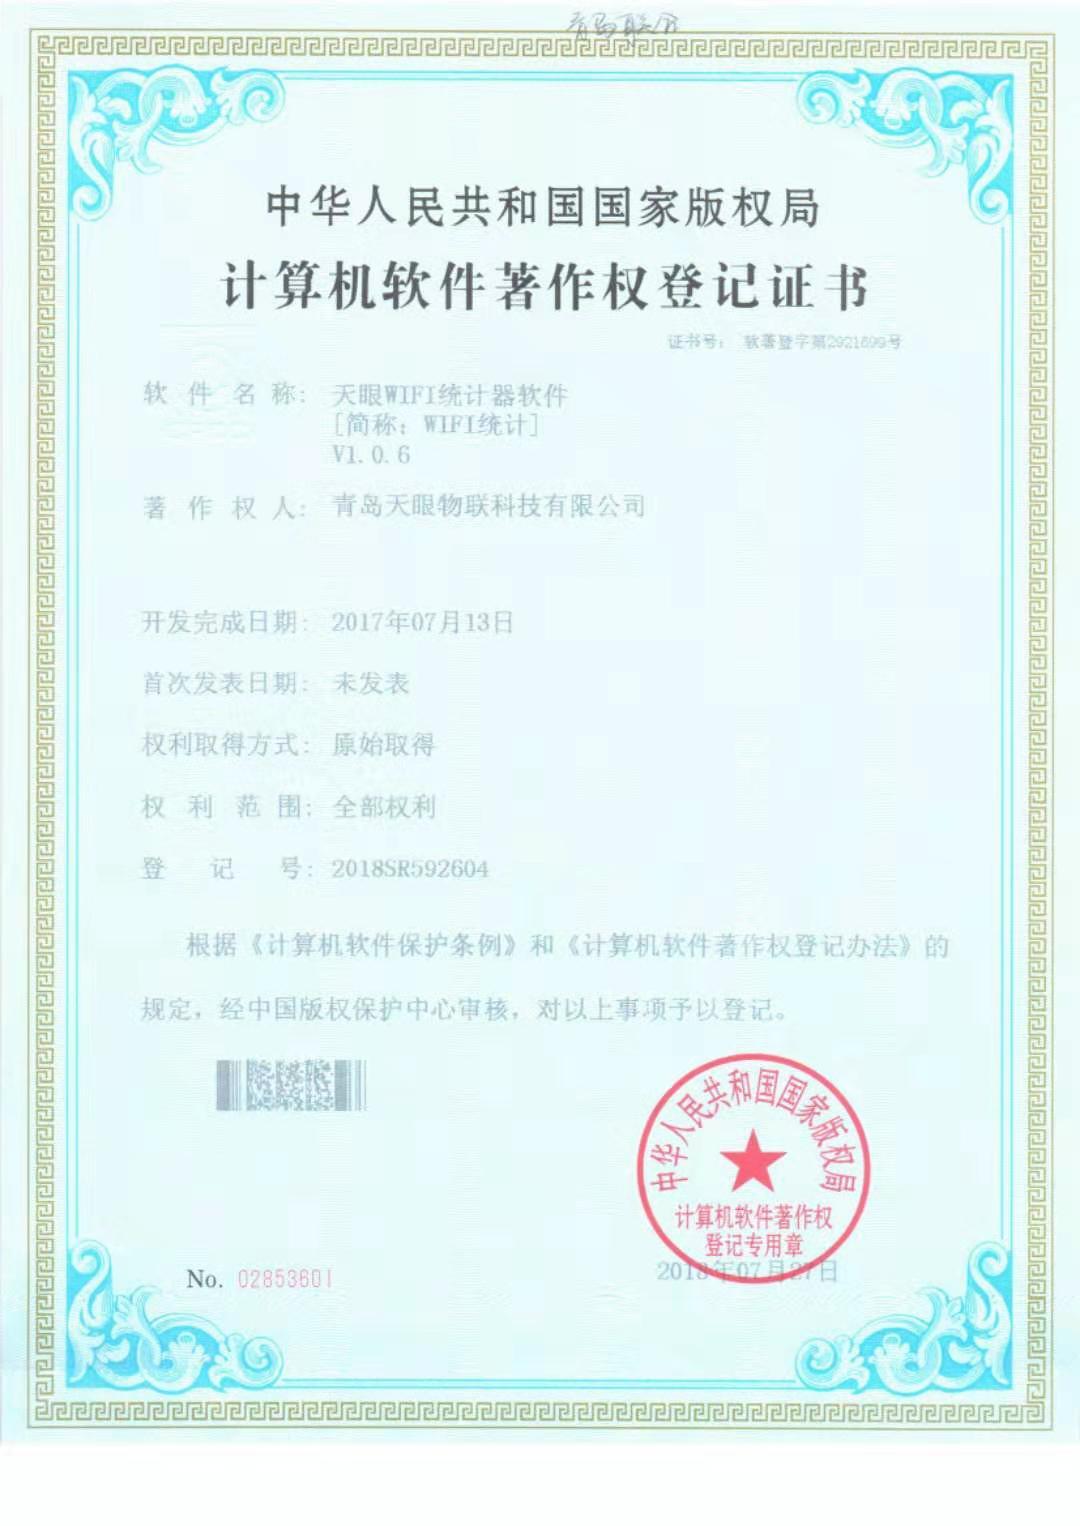 計算機軟件著作權登記證書